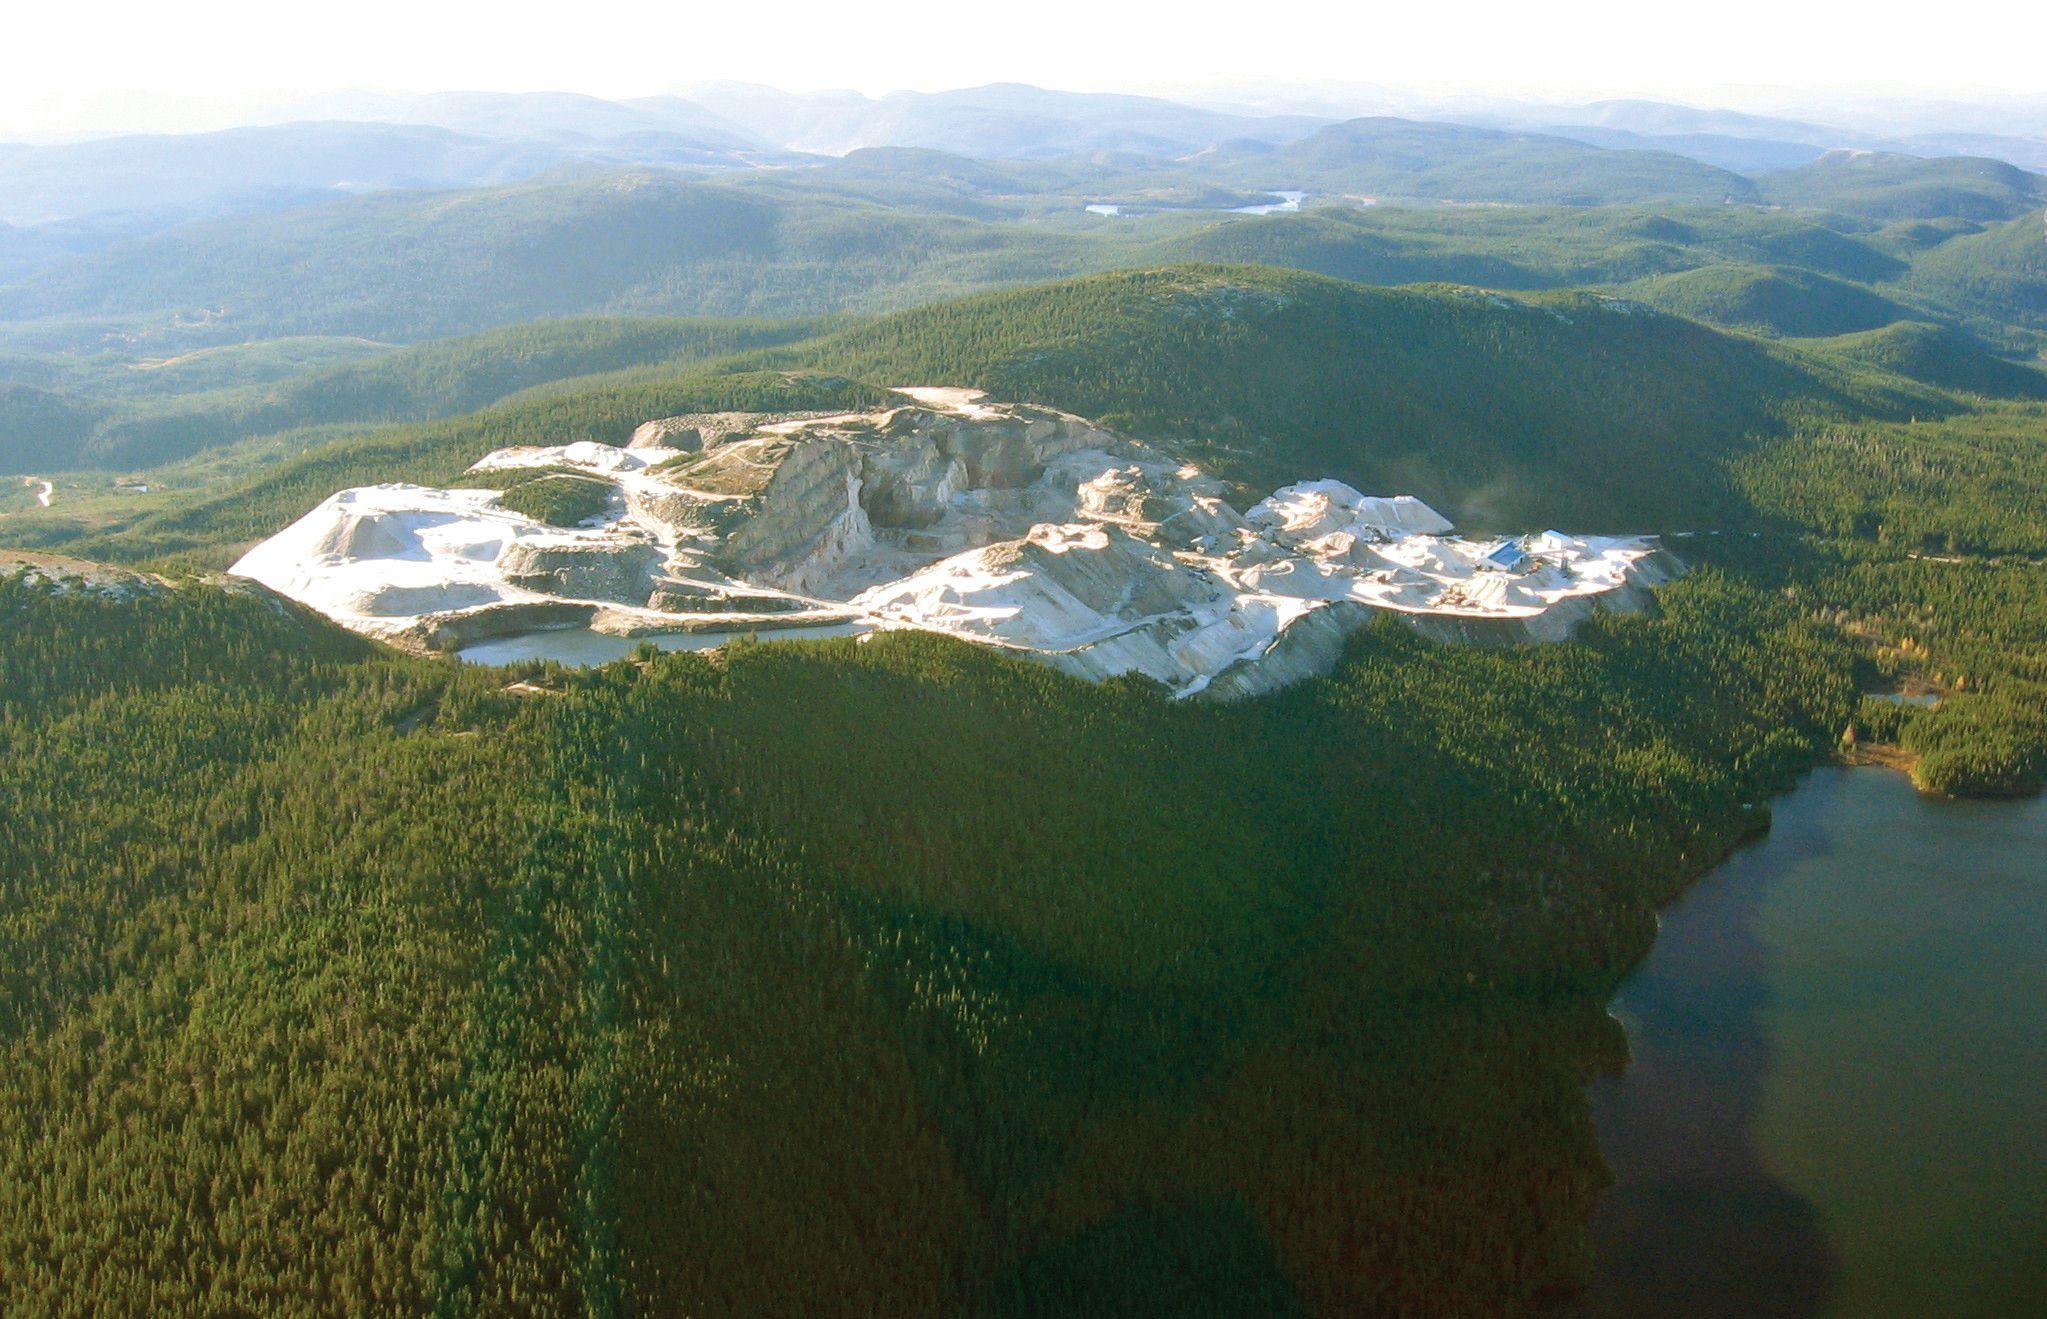 cambria-quartz-deposit-mines